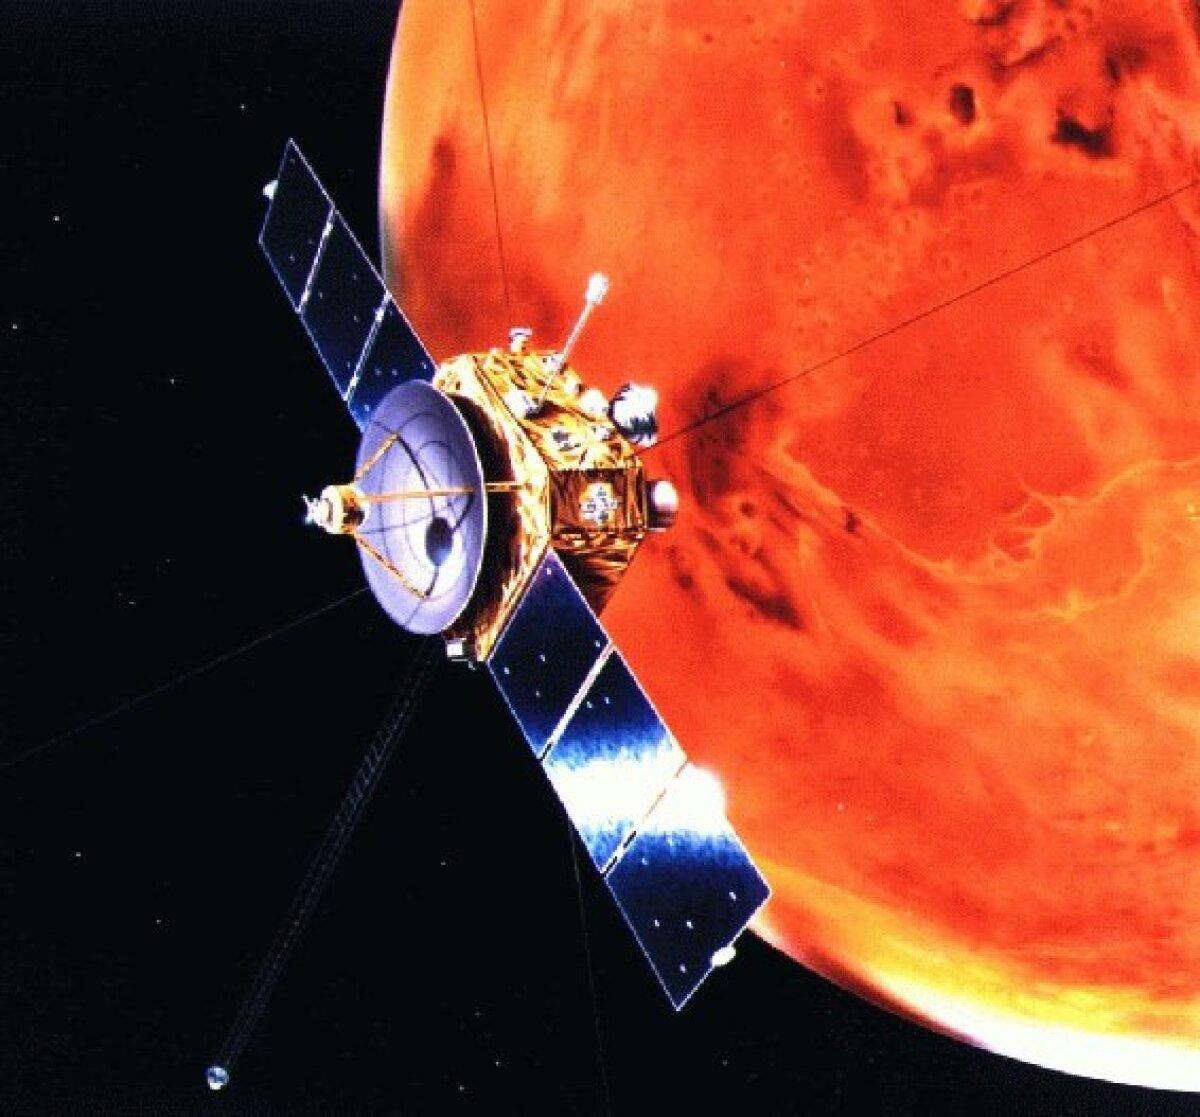 Jaapanlaste aparaat Nozomi tegelikult Marsini ei jõudnudki.